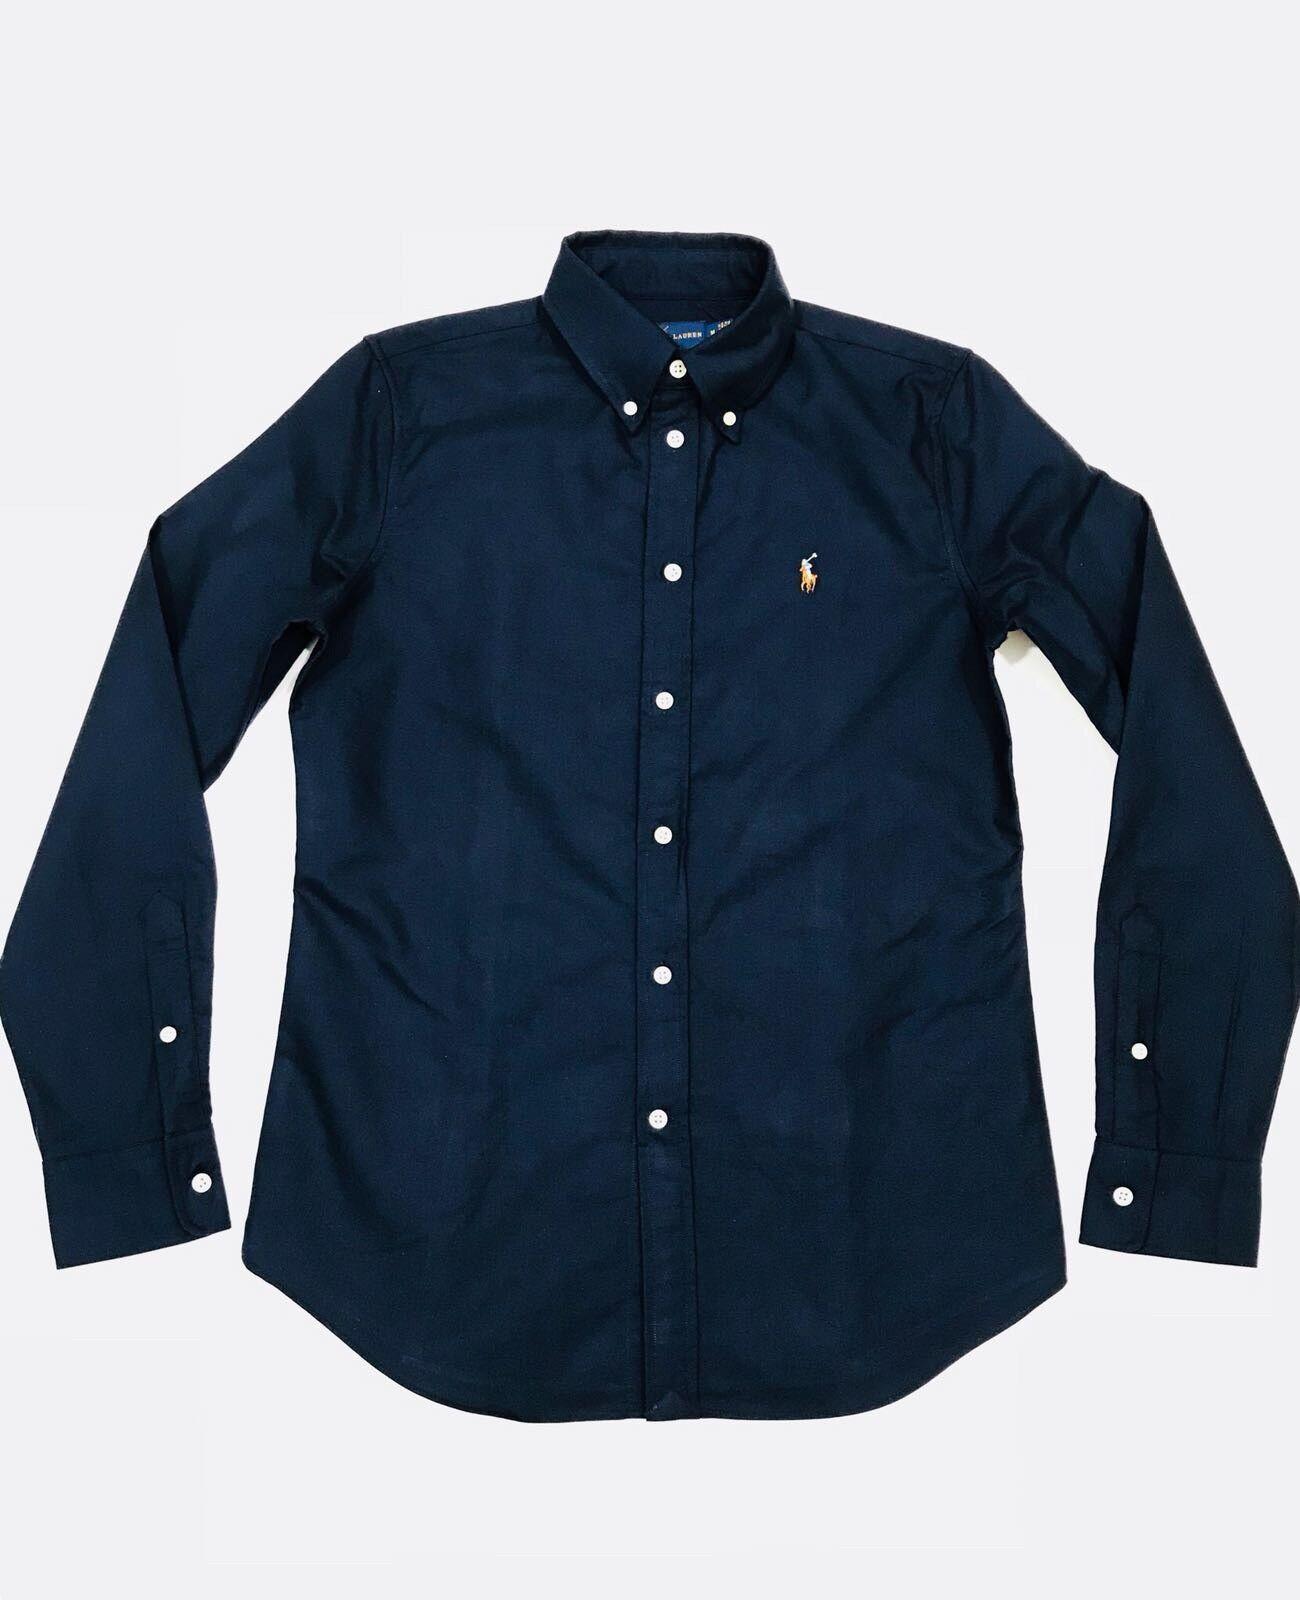 Ralph Lauren Oxford Ladies Shirt Navy             RRP